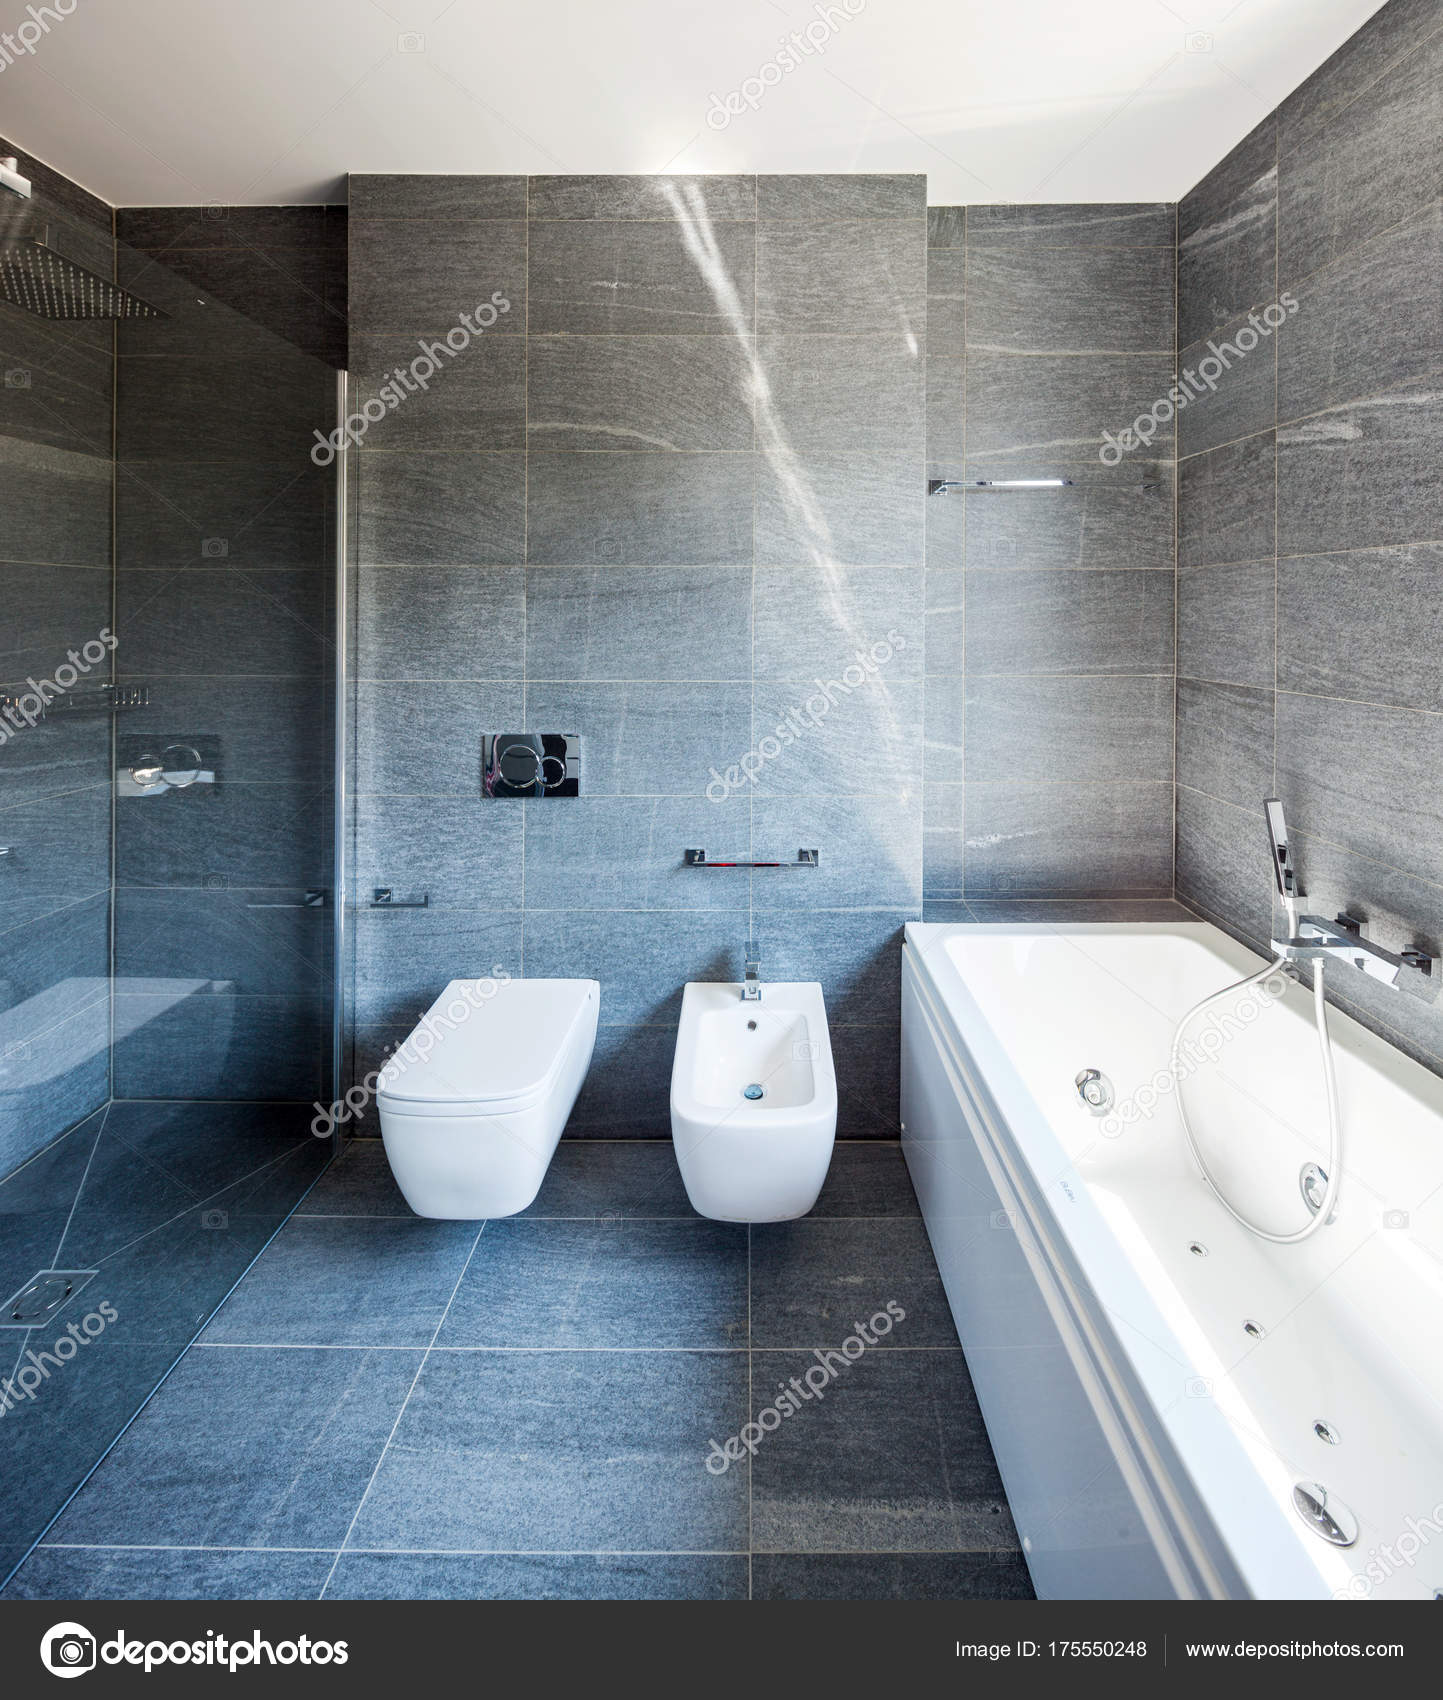 Moderne luxus-badezimmer — Stockfoto © Zveiger #175550248